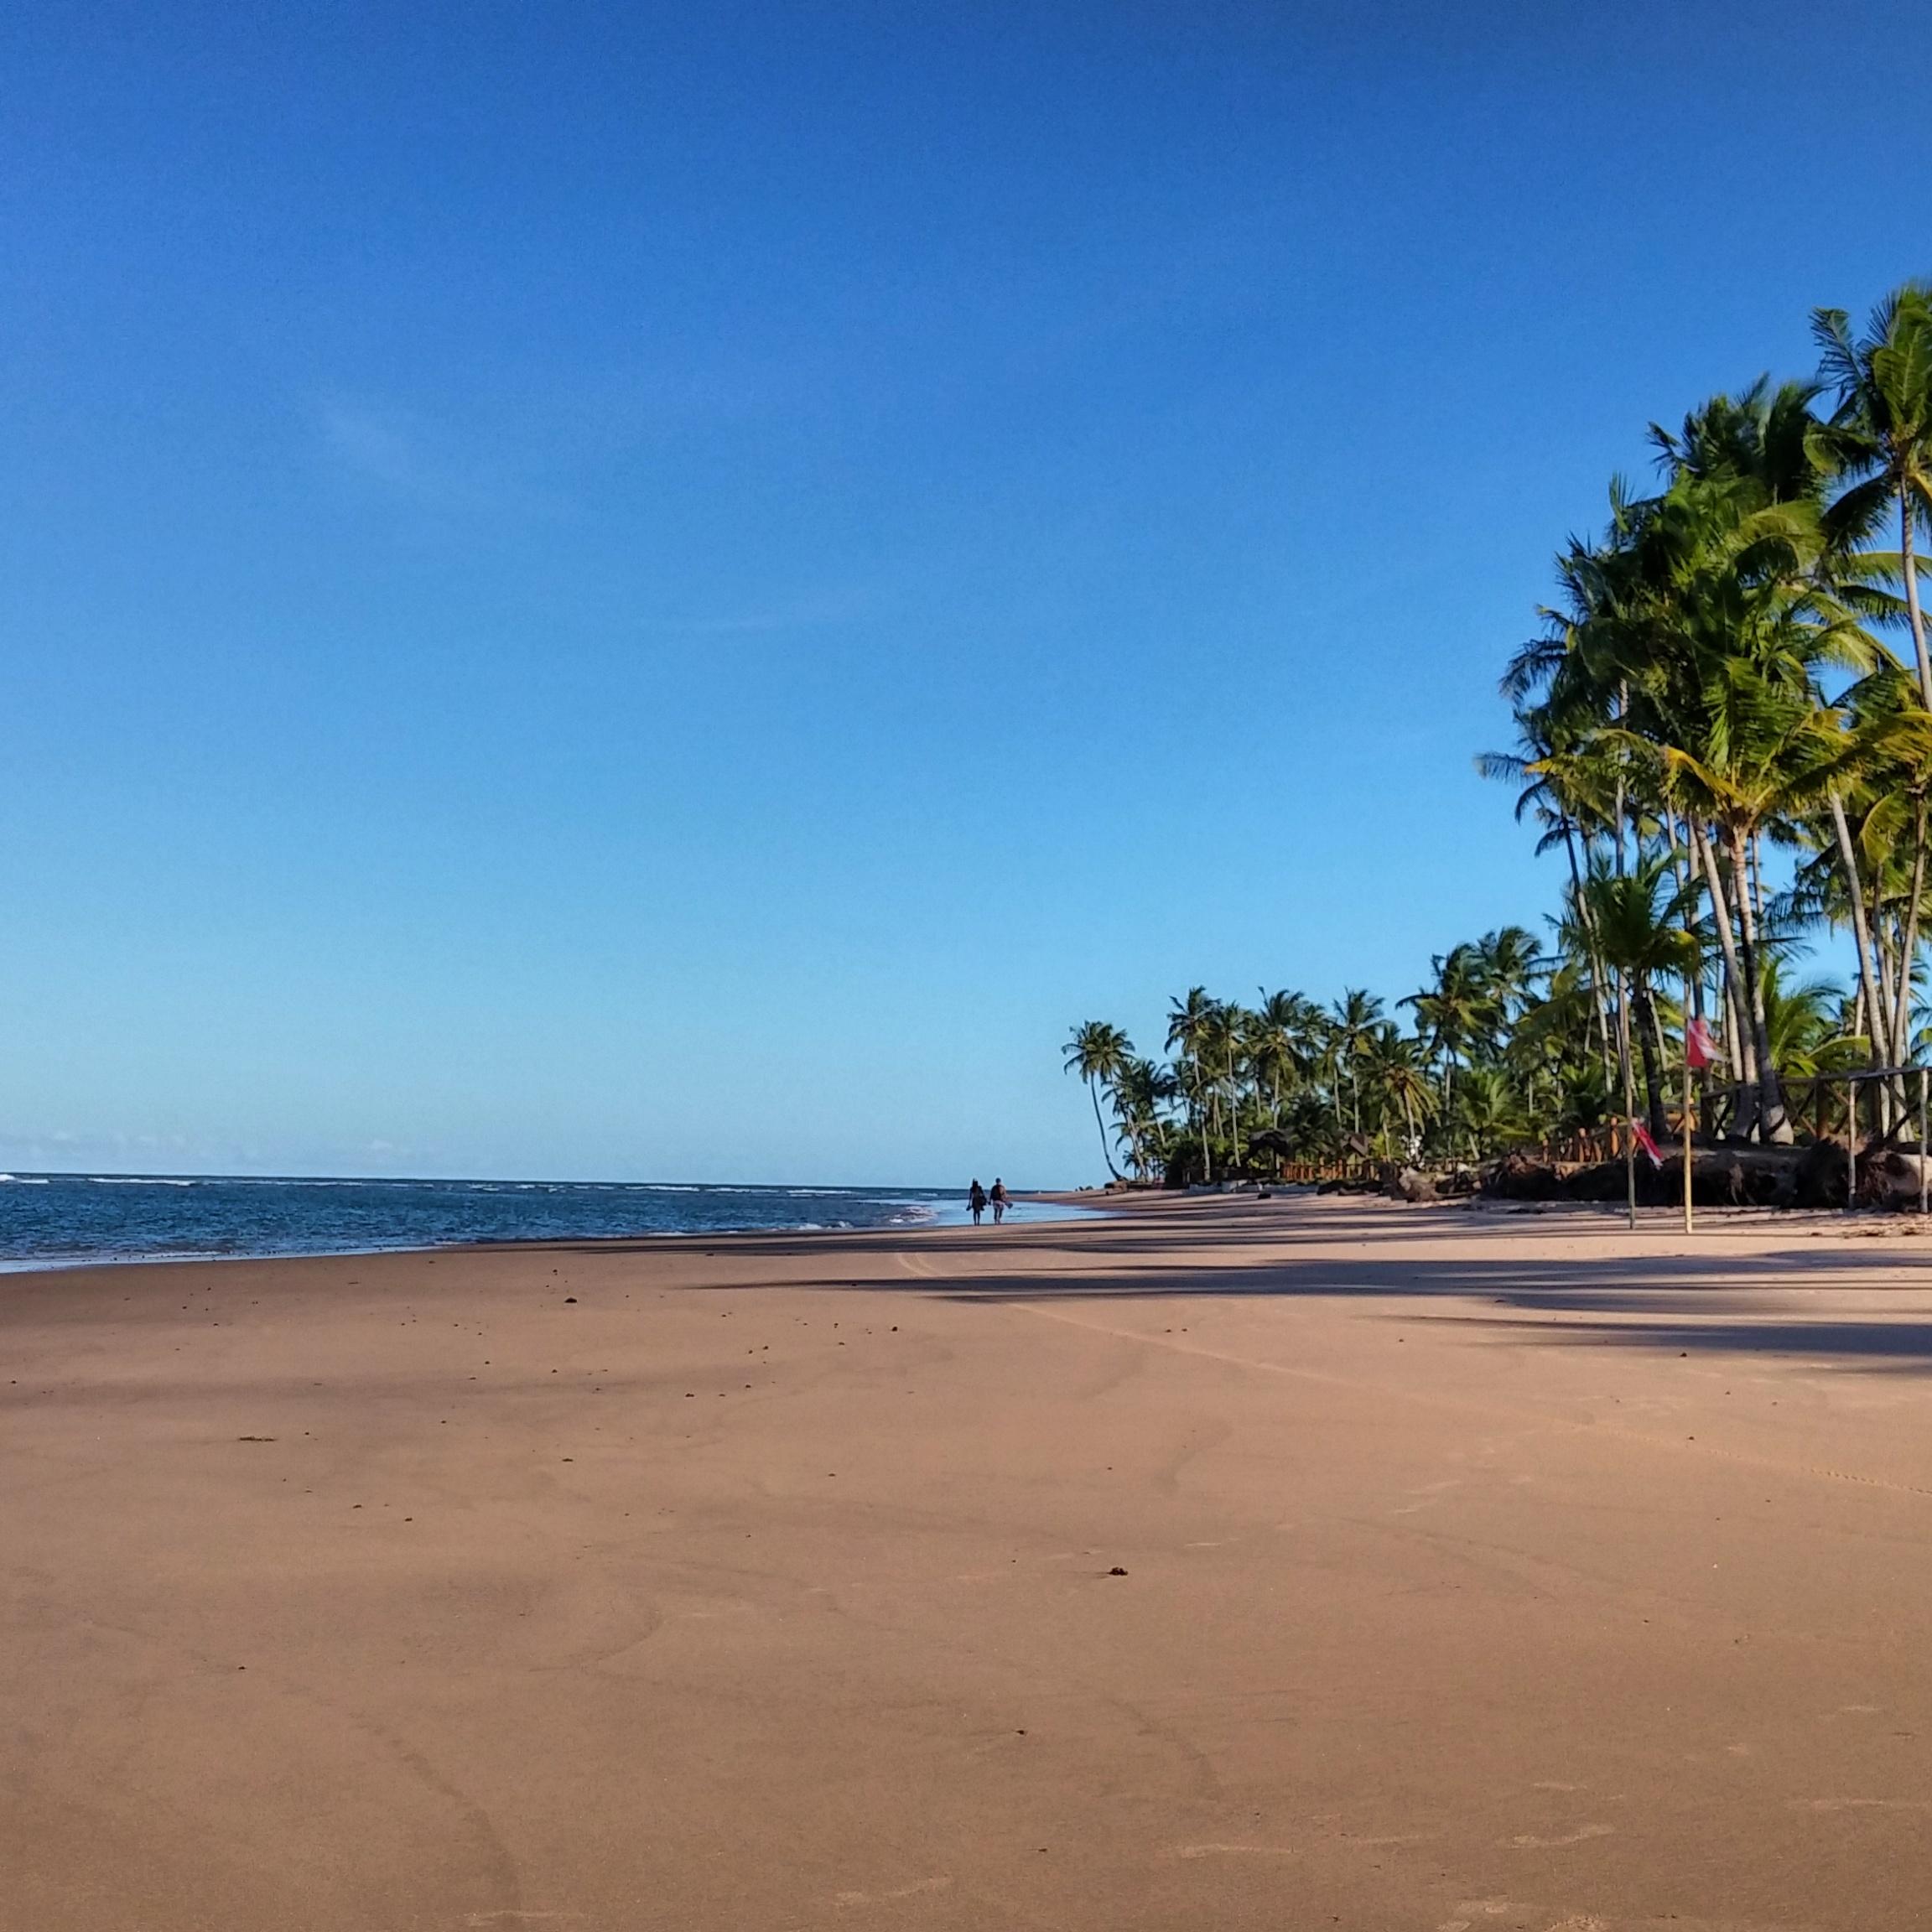 Praia de Taipu de Fora, Península de Maraú - BA, by Luciana de Paula, 2016